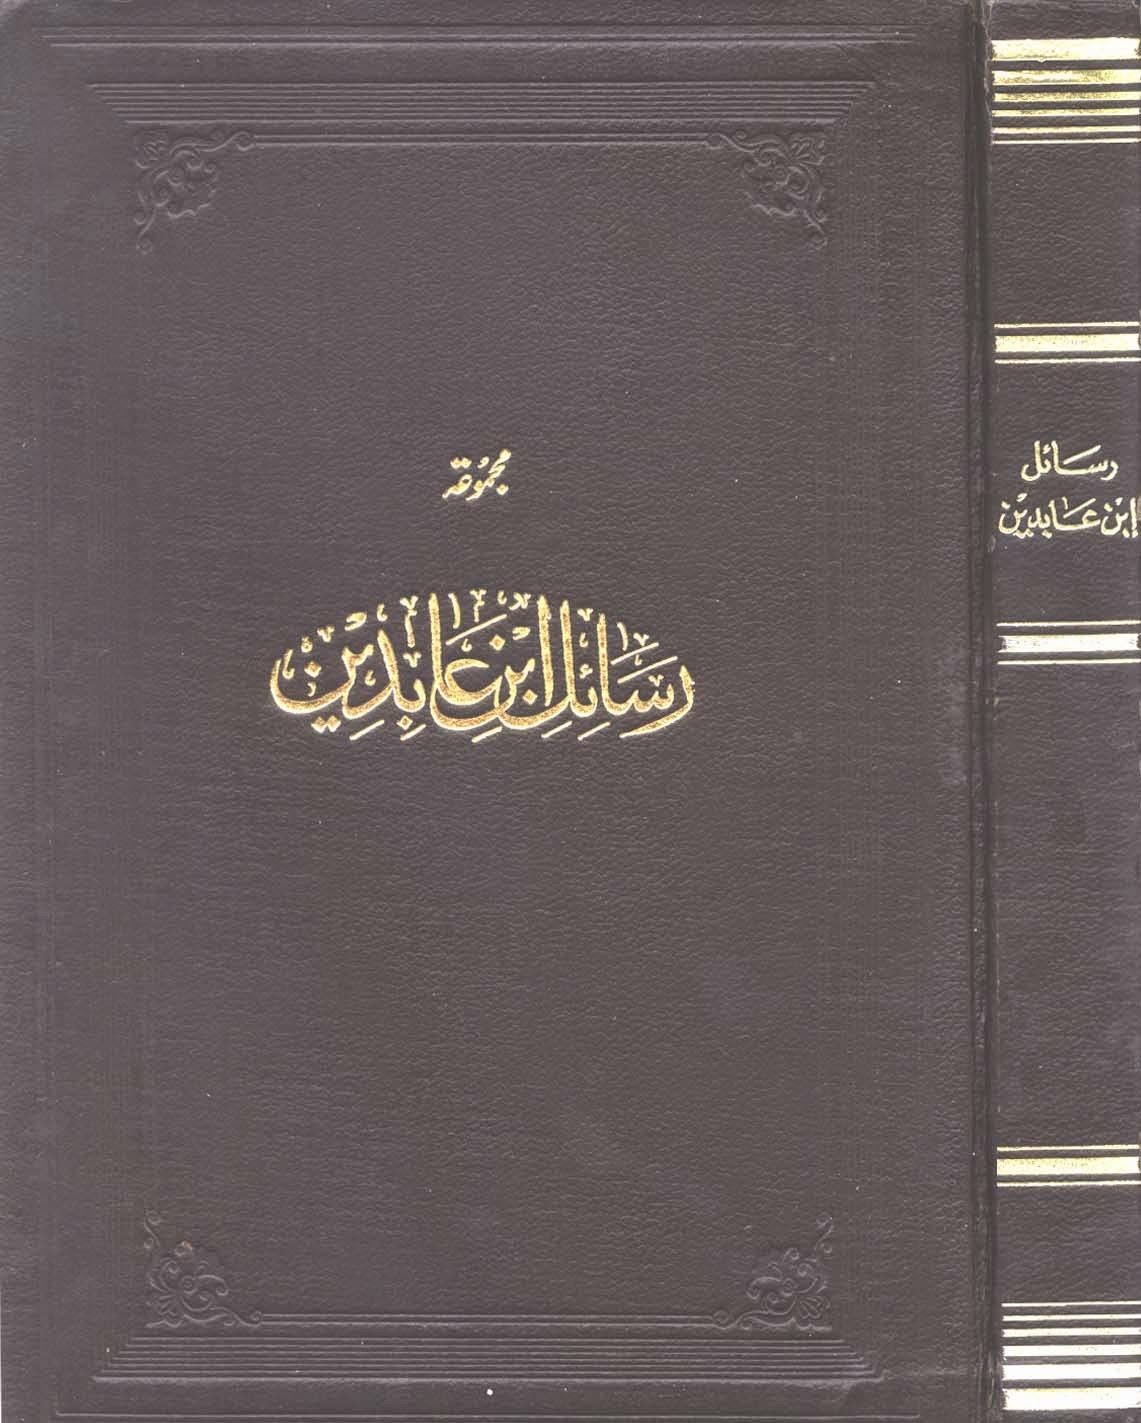 حمل كتاب مجموعة رسائل ابن عابدين pdf